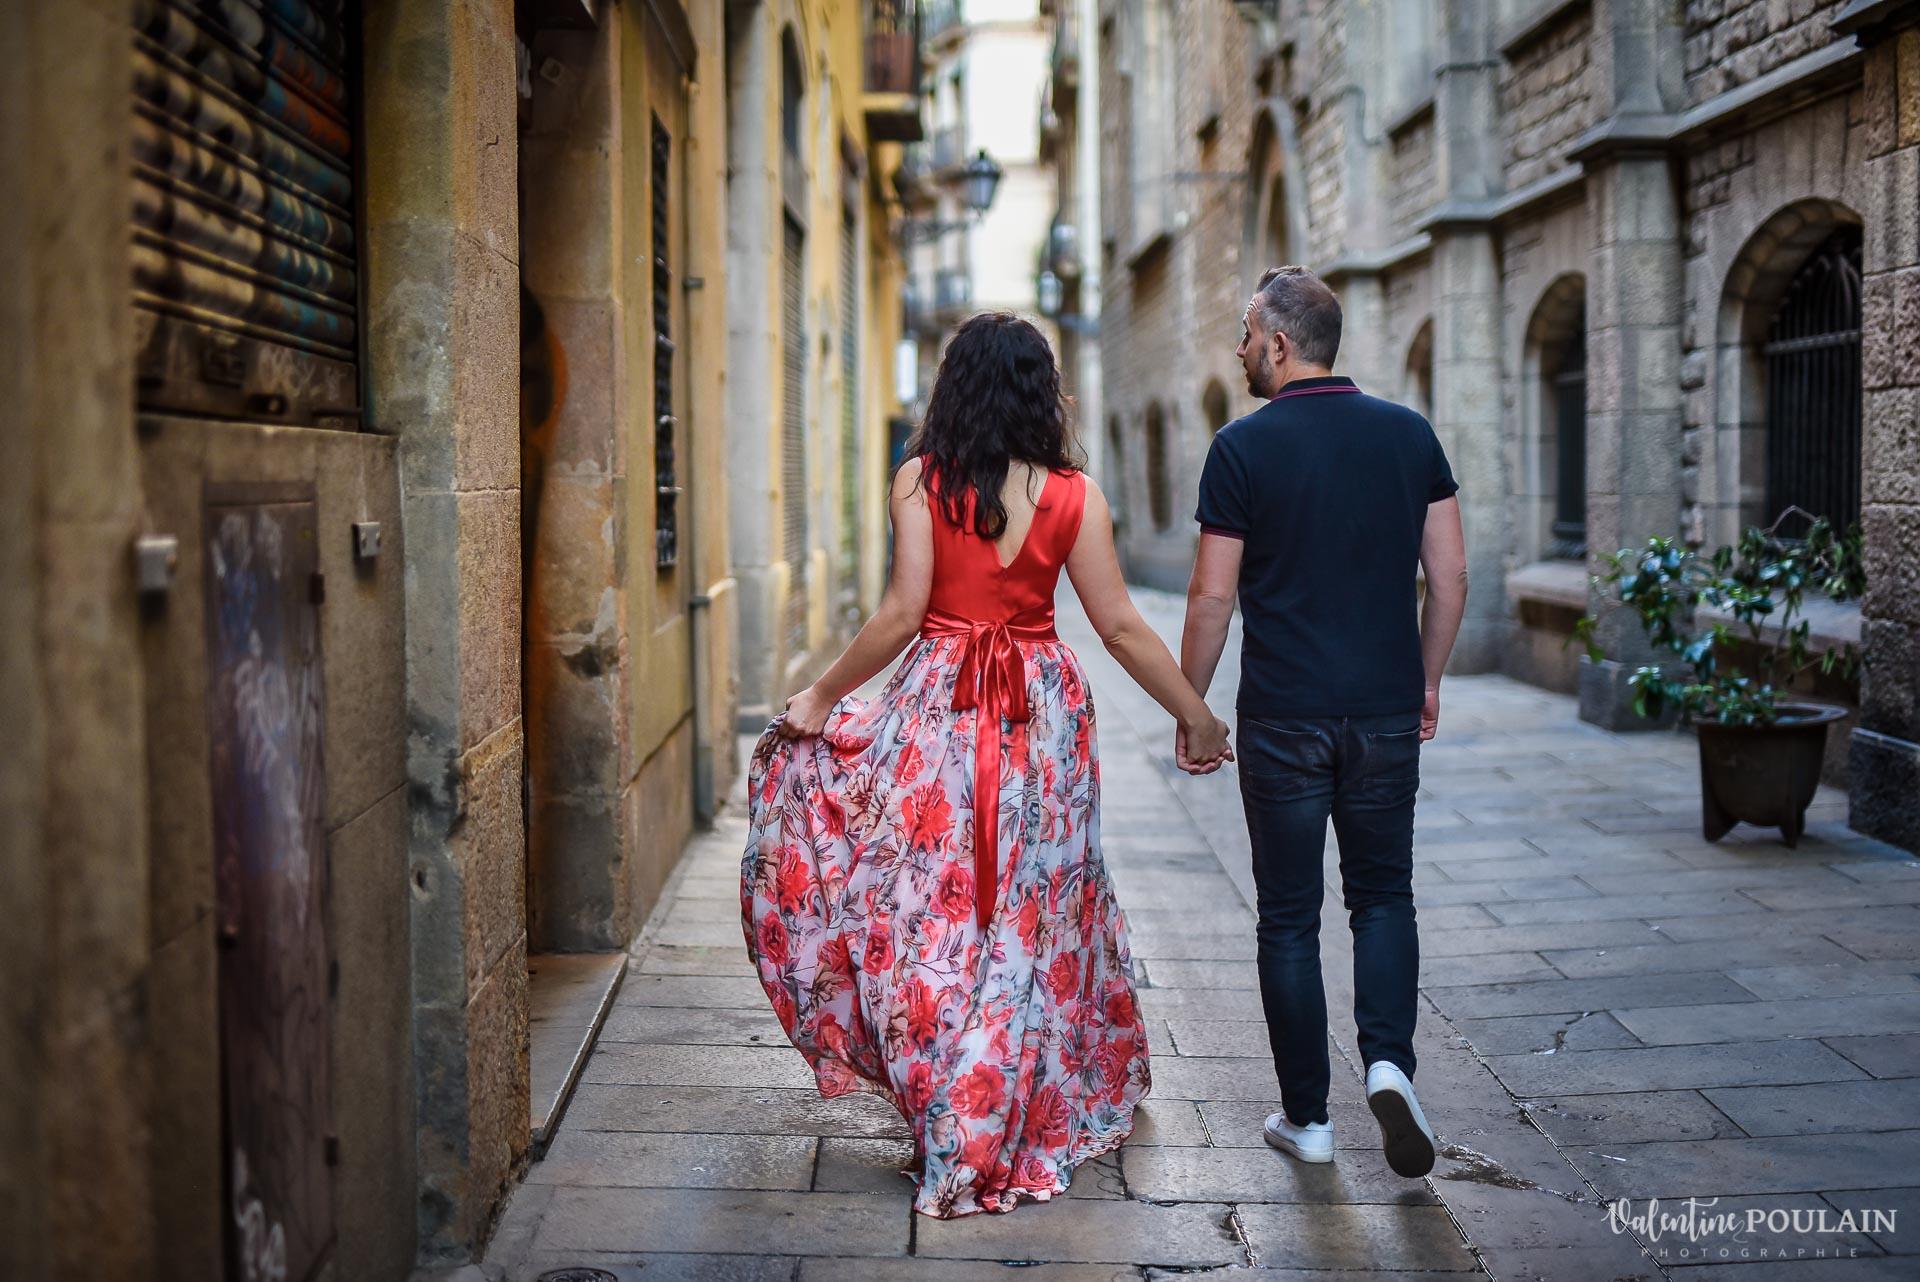 Séance photo couple Barcelone - Valentine Poulain robe longue